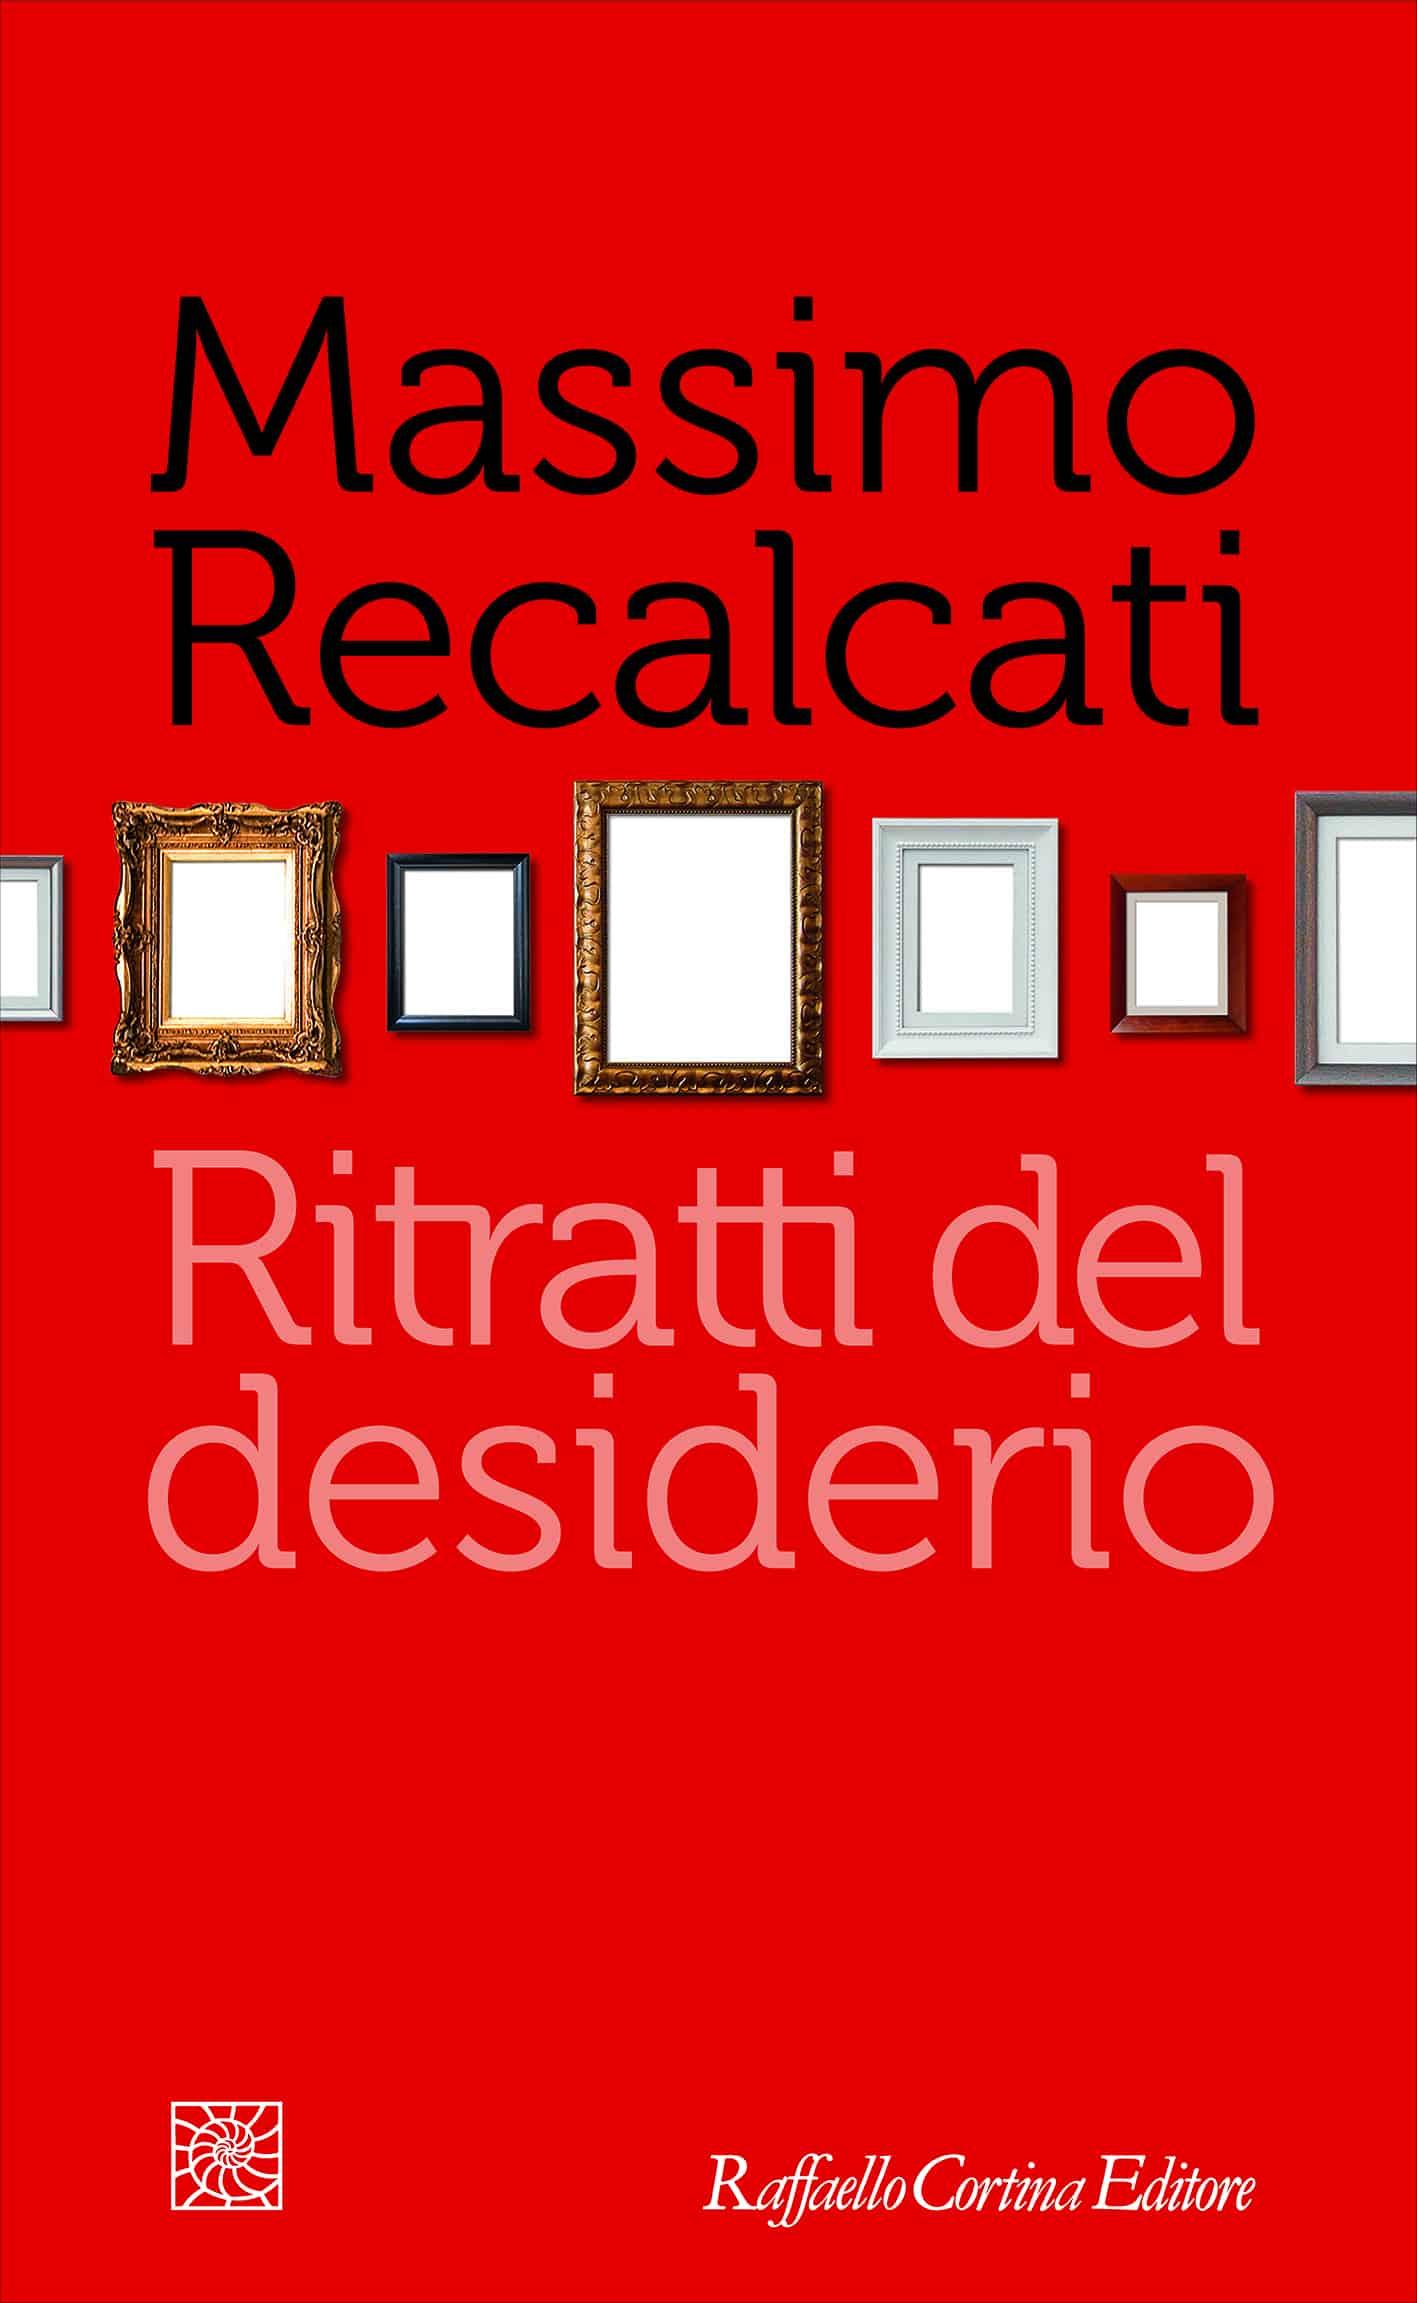 Massimo Recalcati, Ritratti del desiderio, Raffaello Cortina Editore.